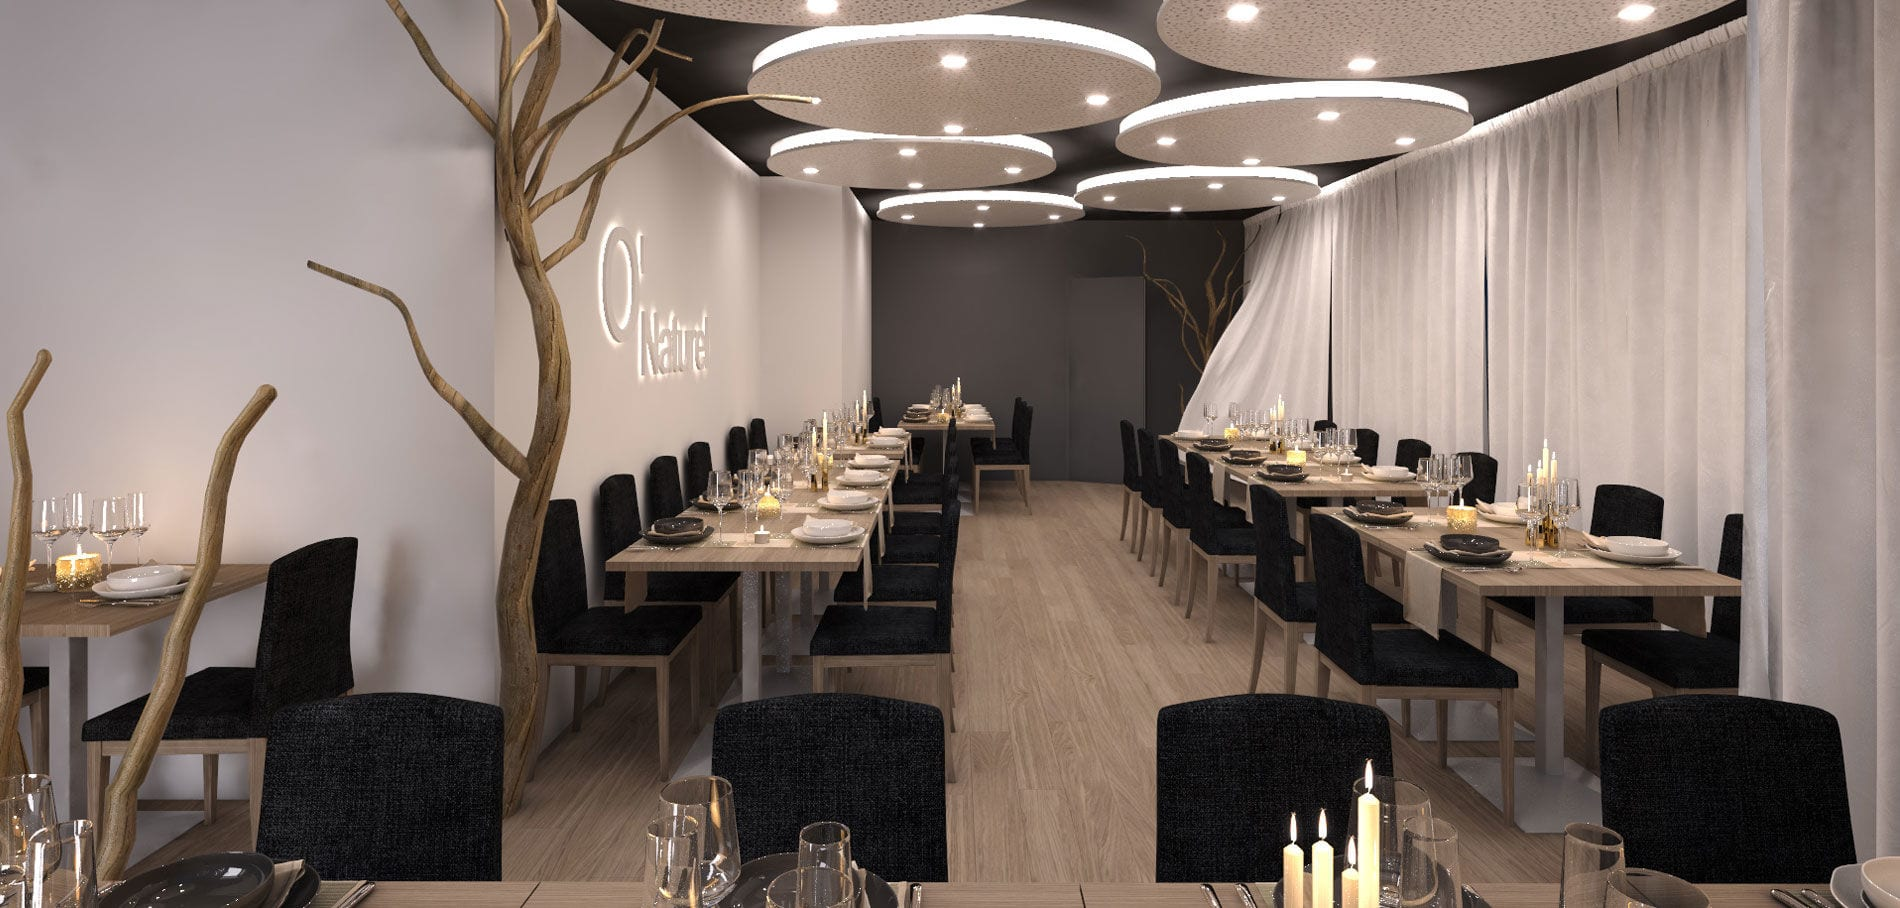 France: le premier restaurant naturiste ouvre ses portes à Paris (photo)